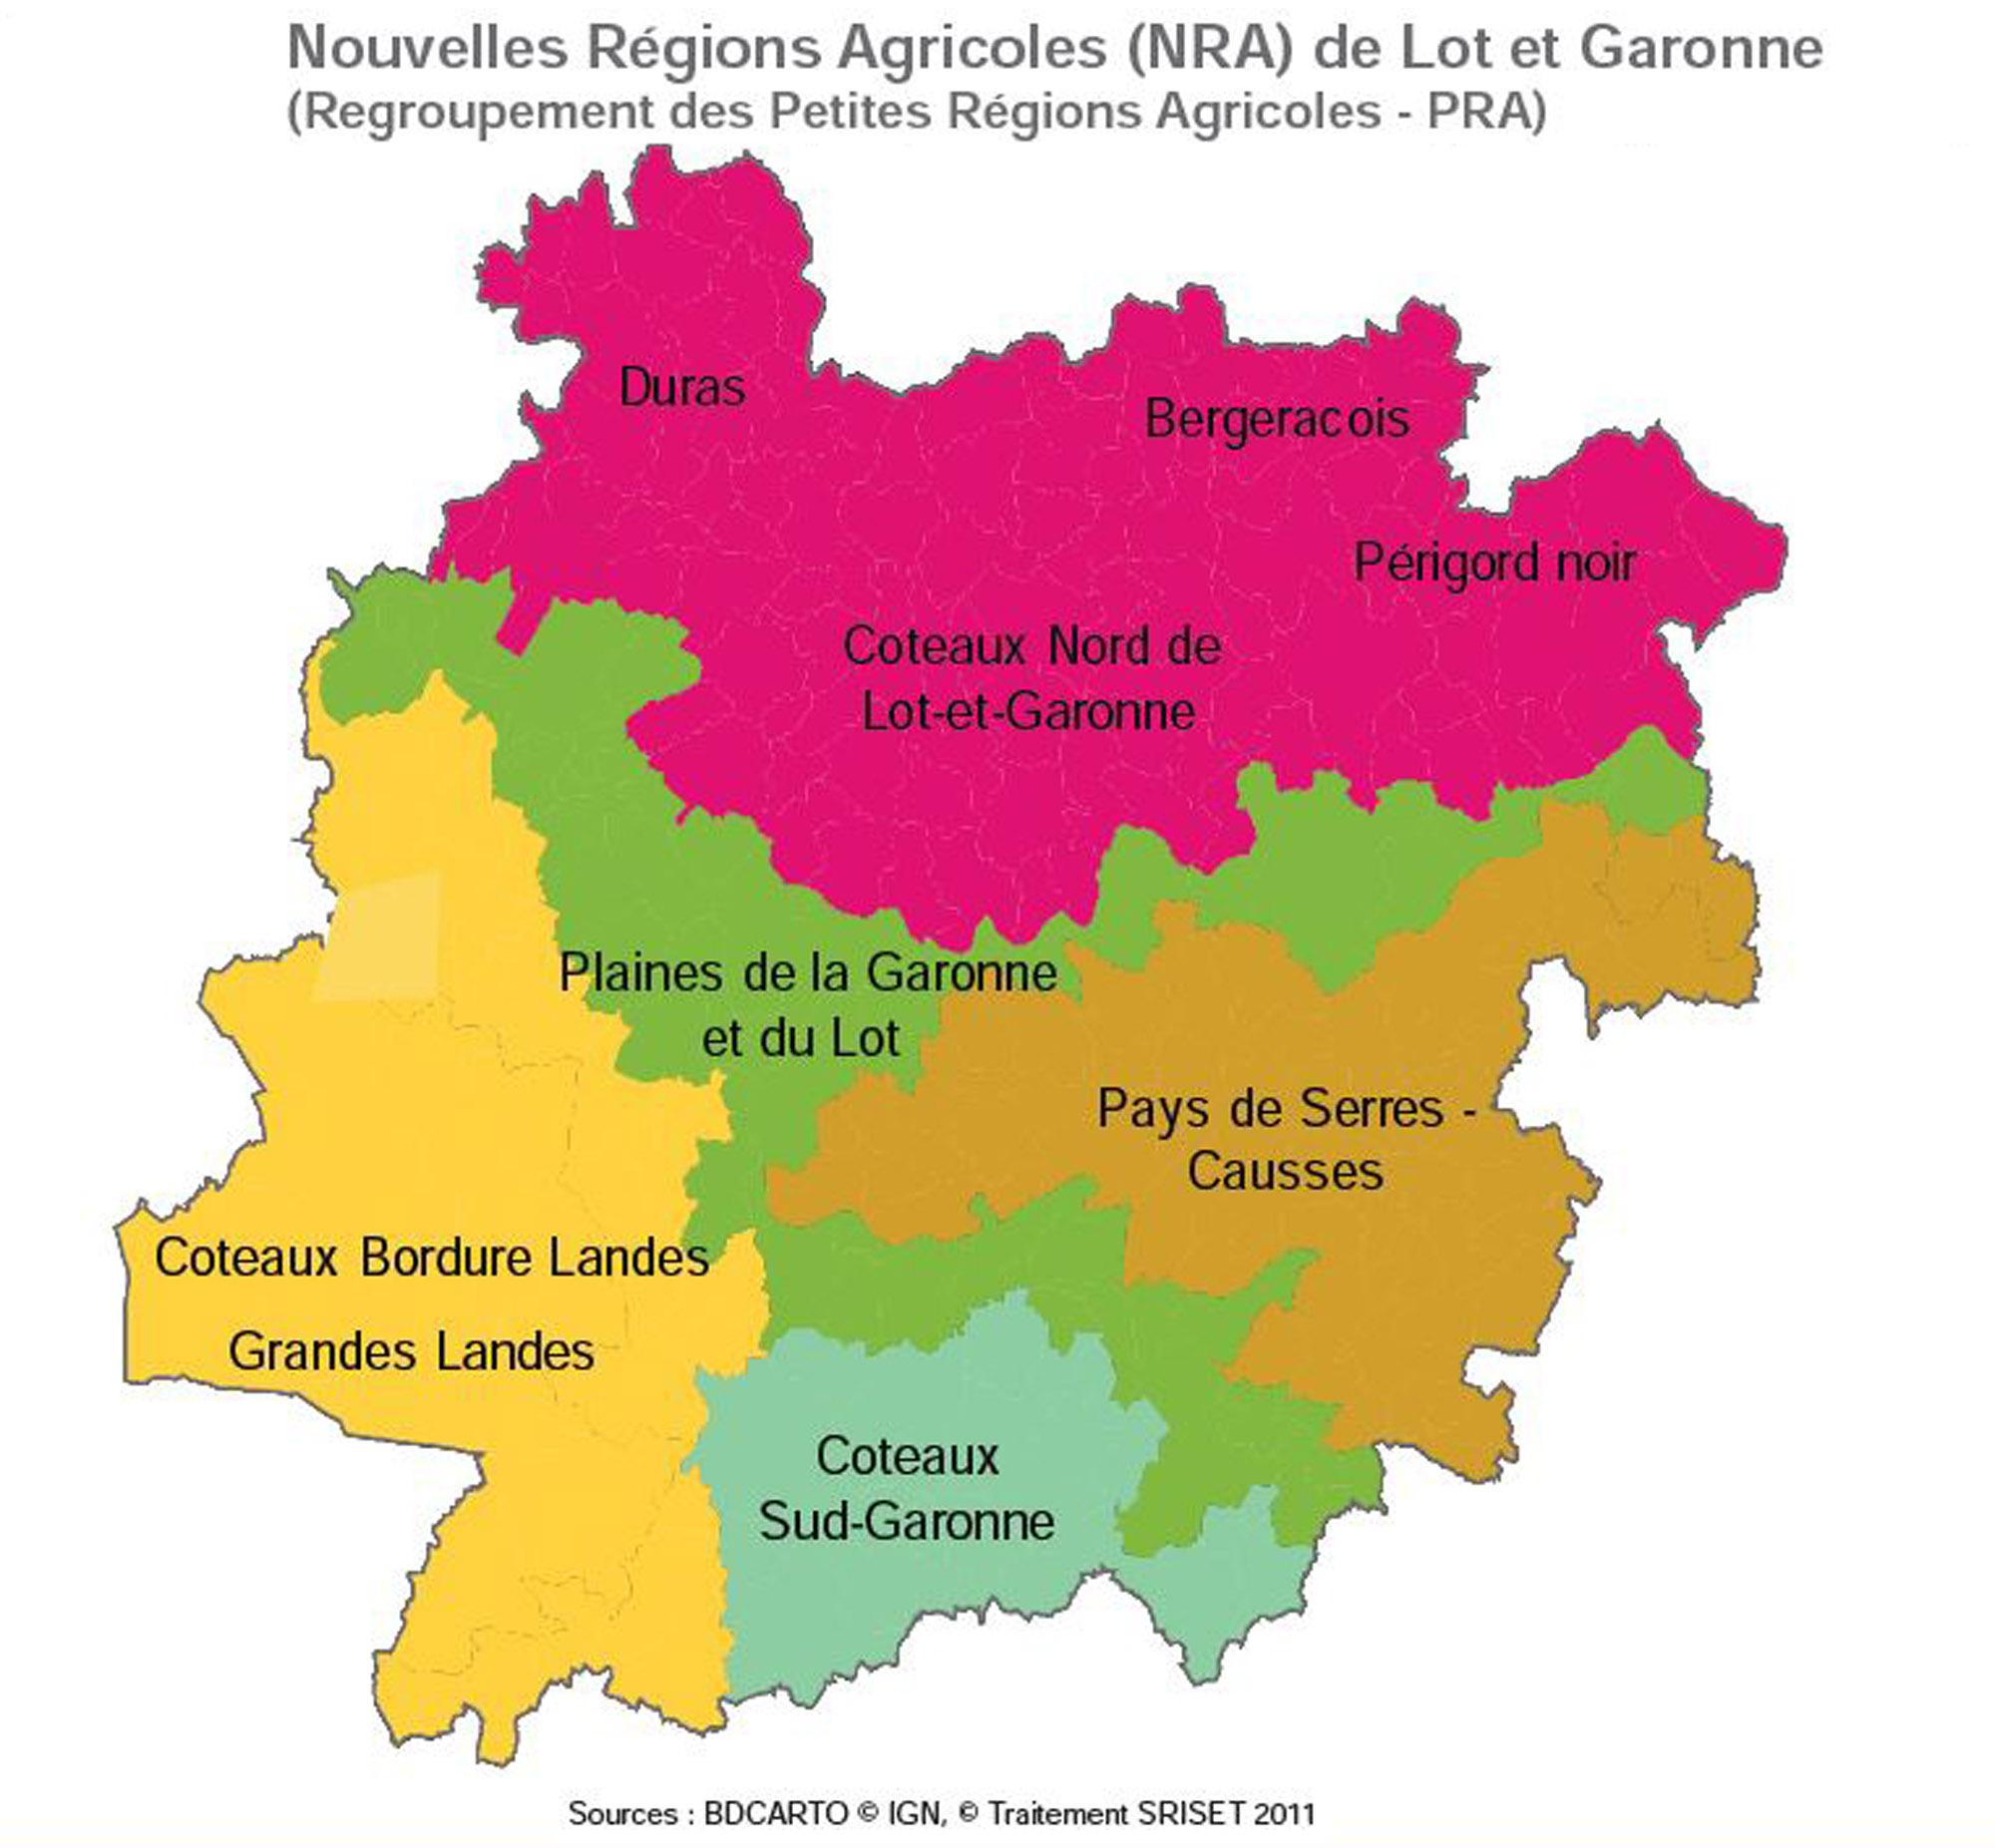 Carte Des Nouvelles Régions Agricoles De Lot-Et-Garonne dedans Carte Des Nouvelles Régions